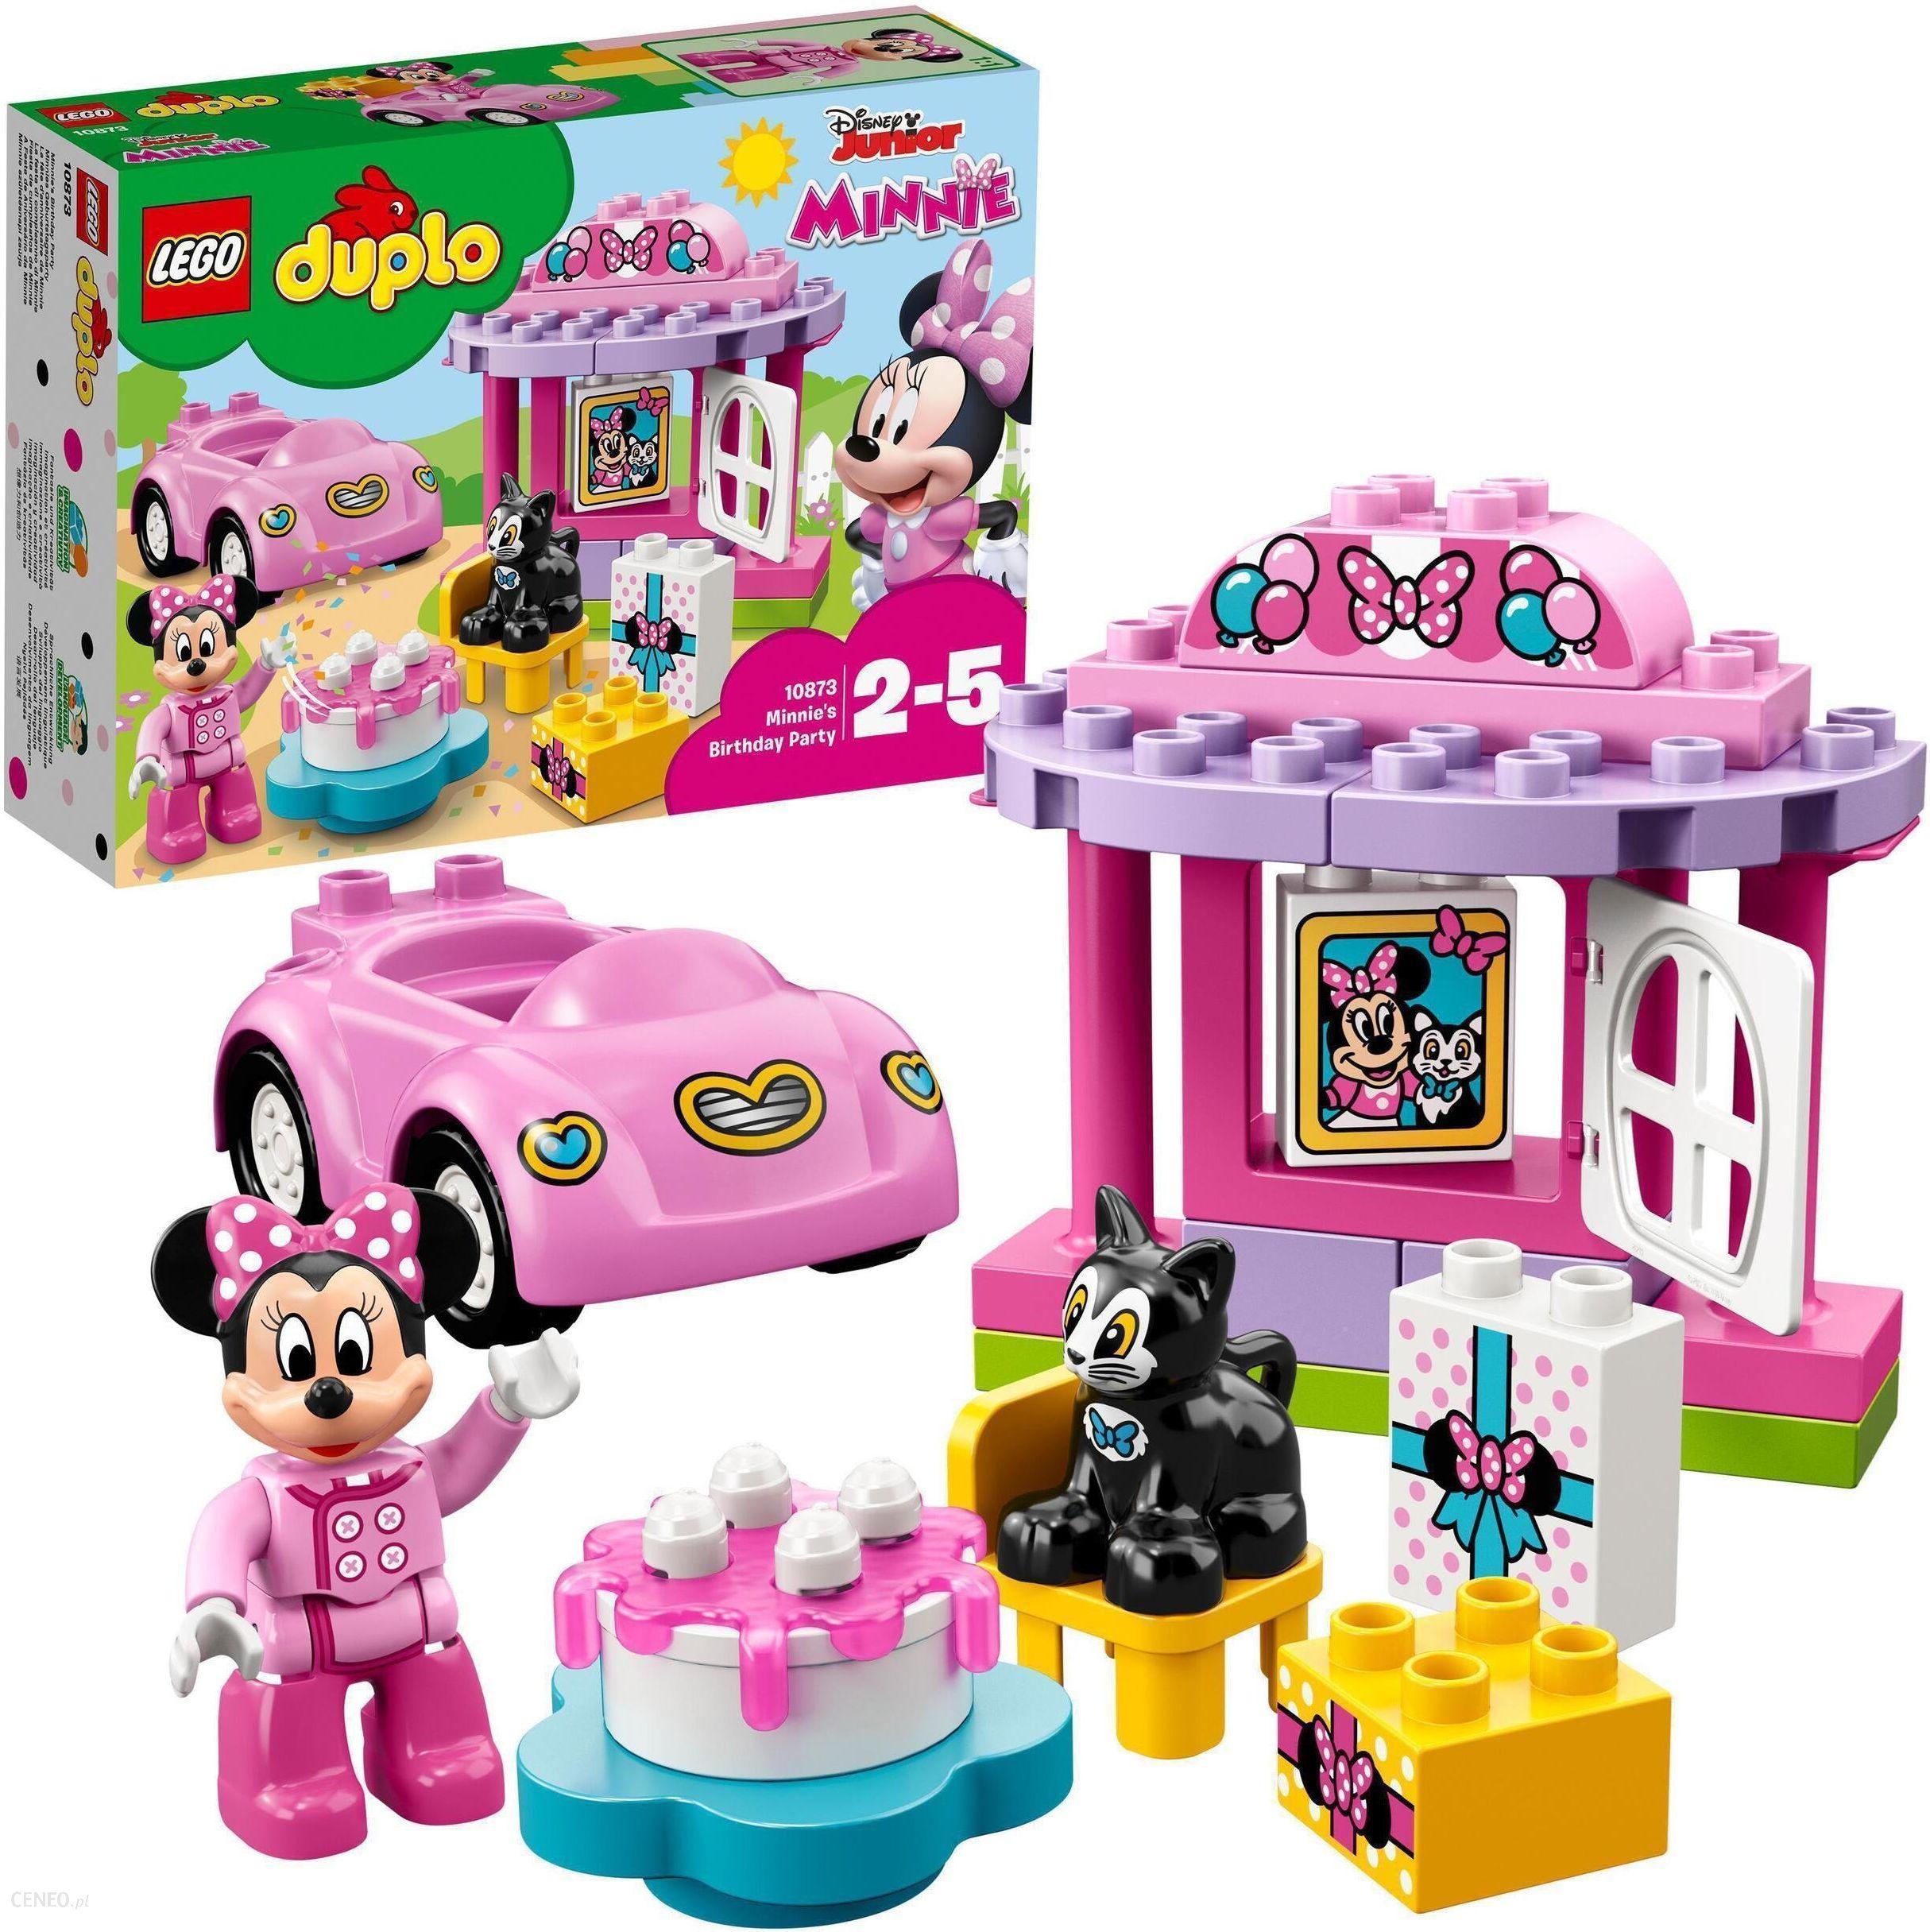 Klocki Lego Duplo Przyjęcie Urodzinowe Minnie 10873 Ceny I Opinie